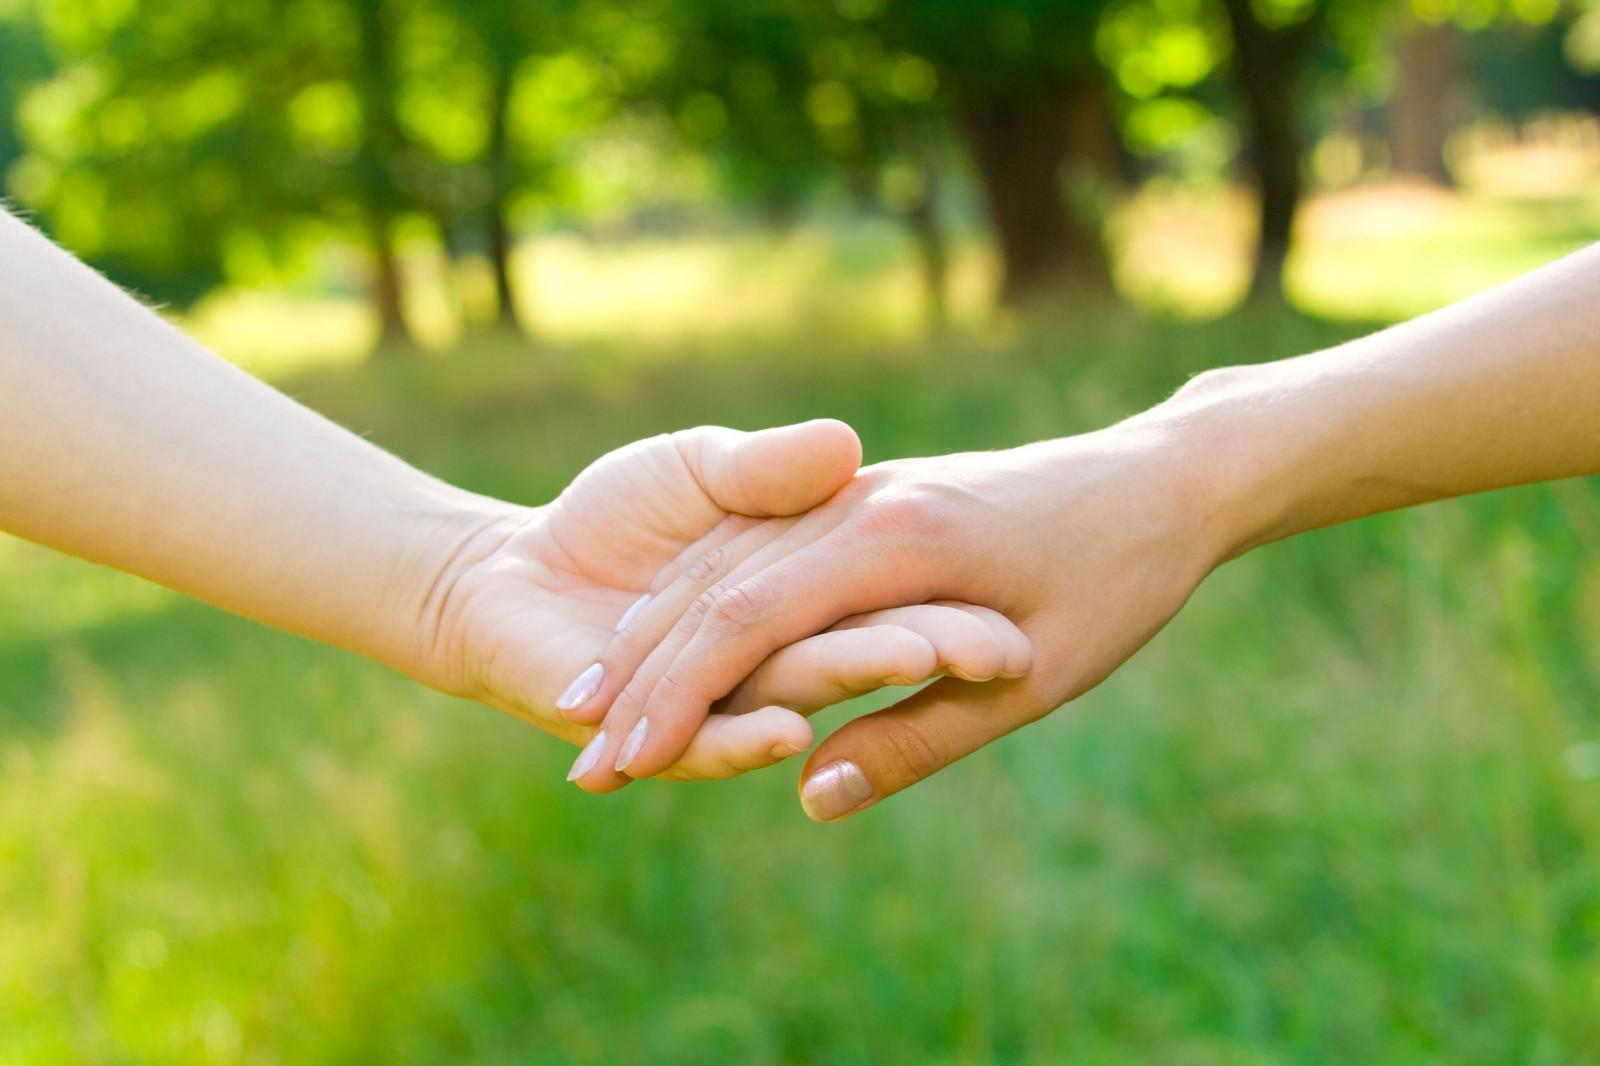 Hình ảnh em nắm tay anh đưa anh đi cùng nhau